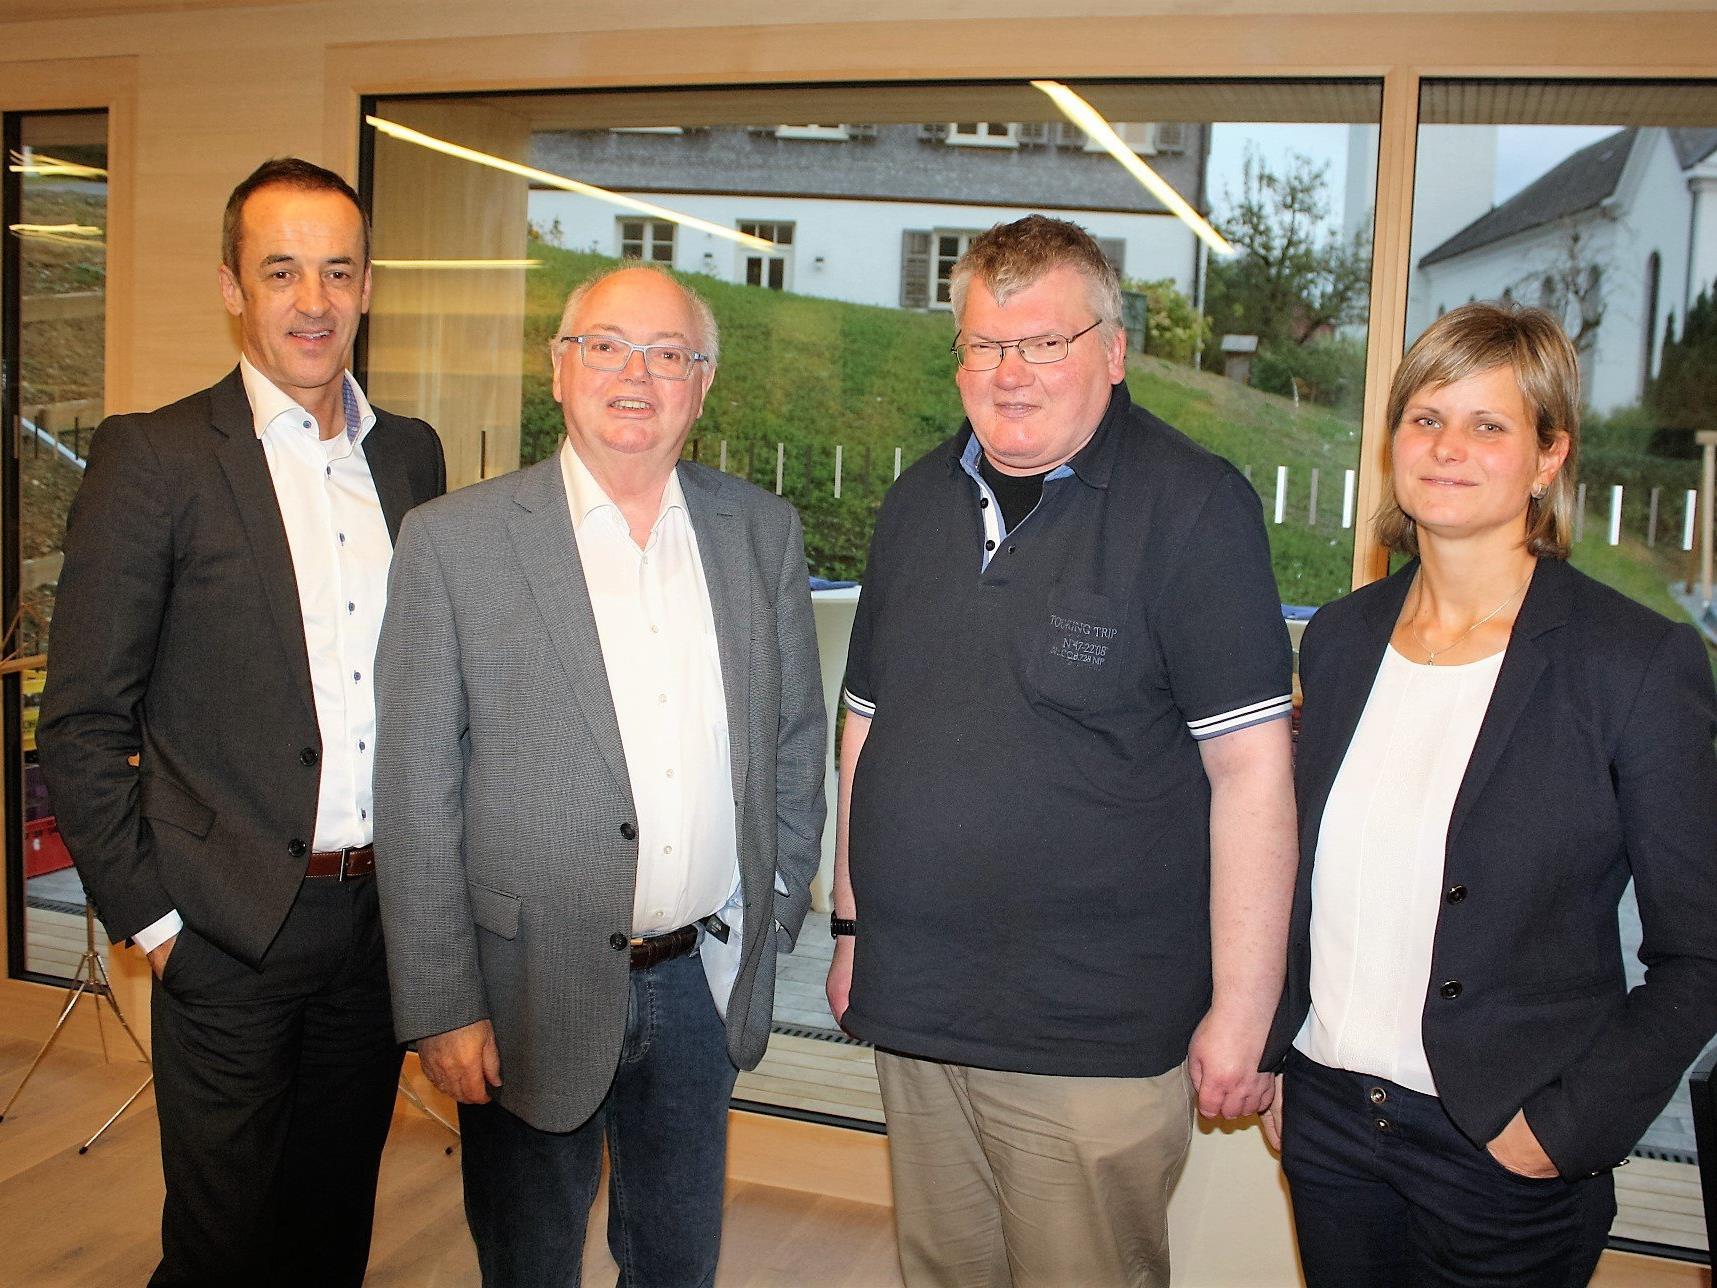 Grund zur Freude: GF Hans-Peter Lorenz, Aufsichtsratsvorsitzender Wolfgang Rümmele (VOGEWOSI), Mieter Anton Bader und Bgm. Annette Sohler.